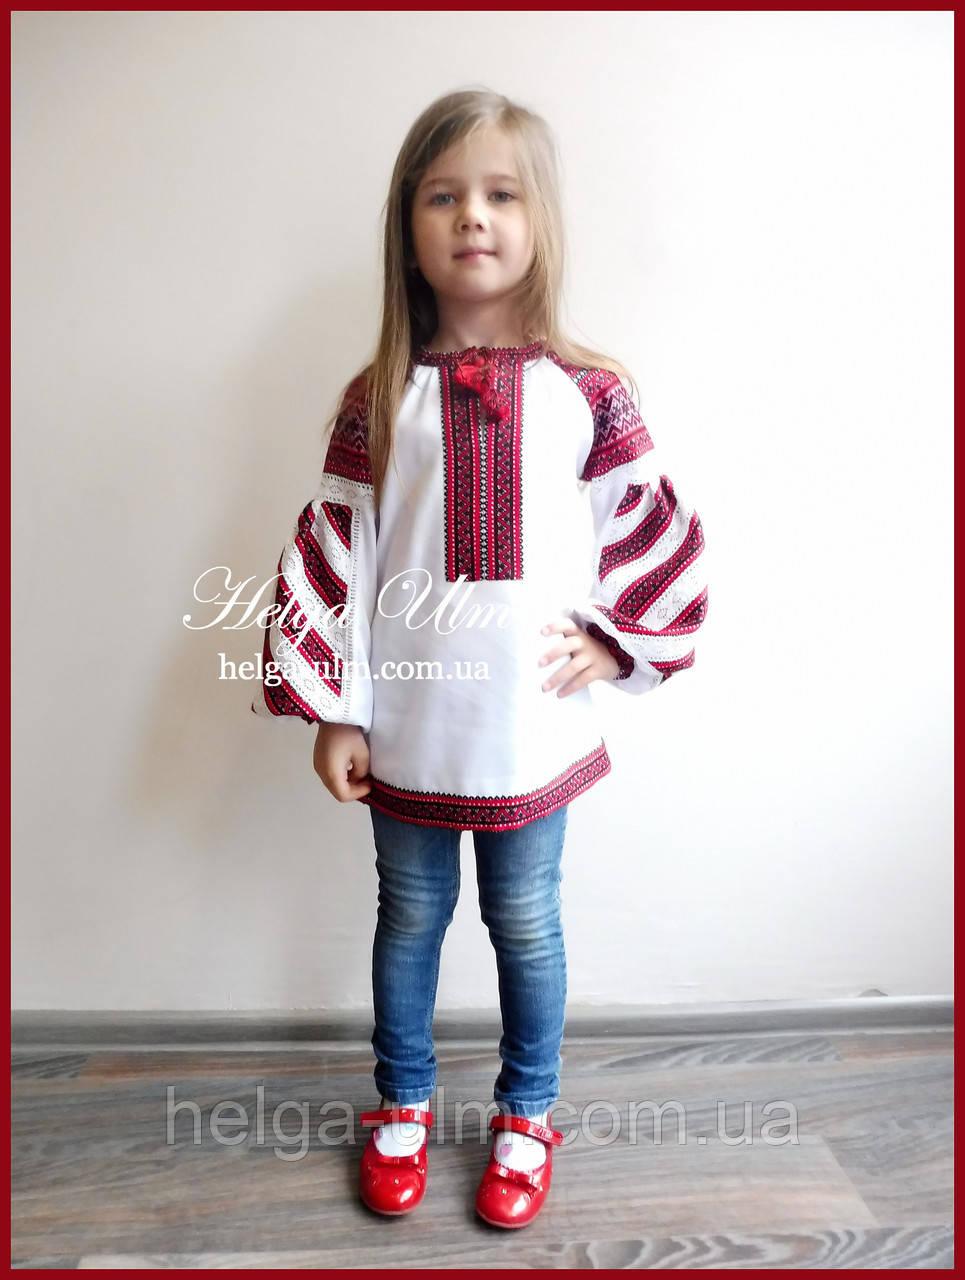 Дитяча вишита туніка, блуза з бавовняним мереживом на замовлення - 122 р.